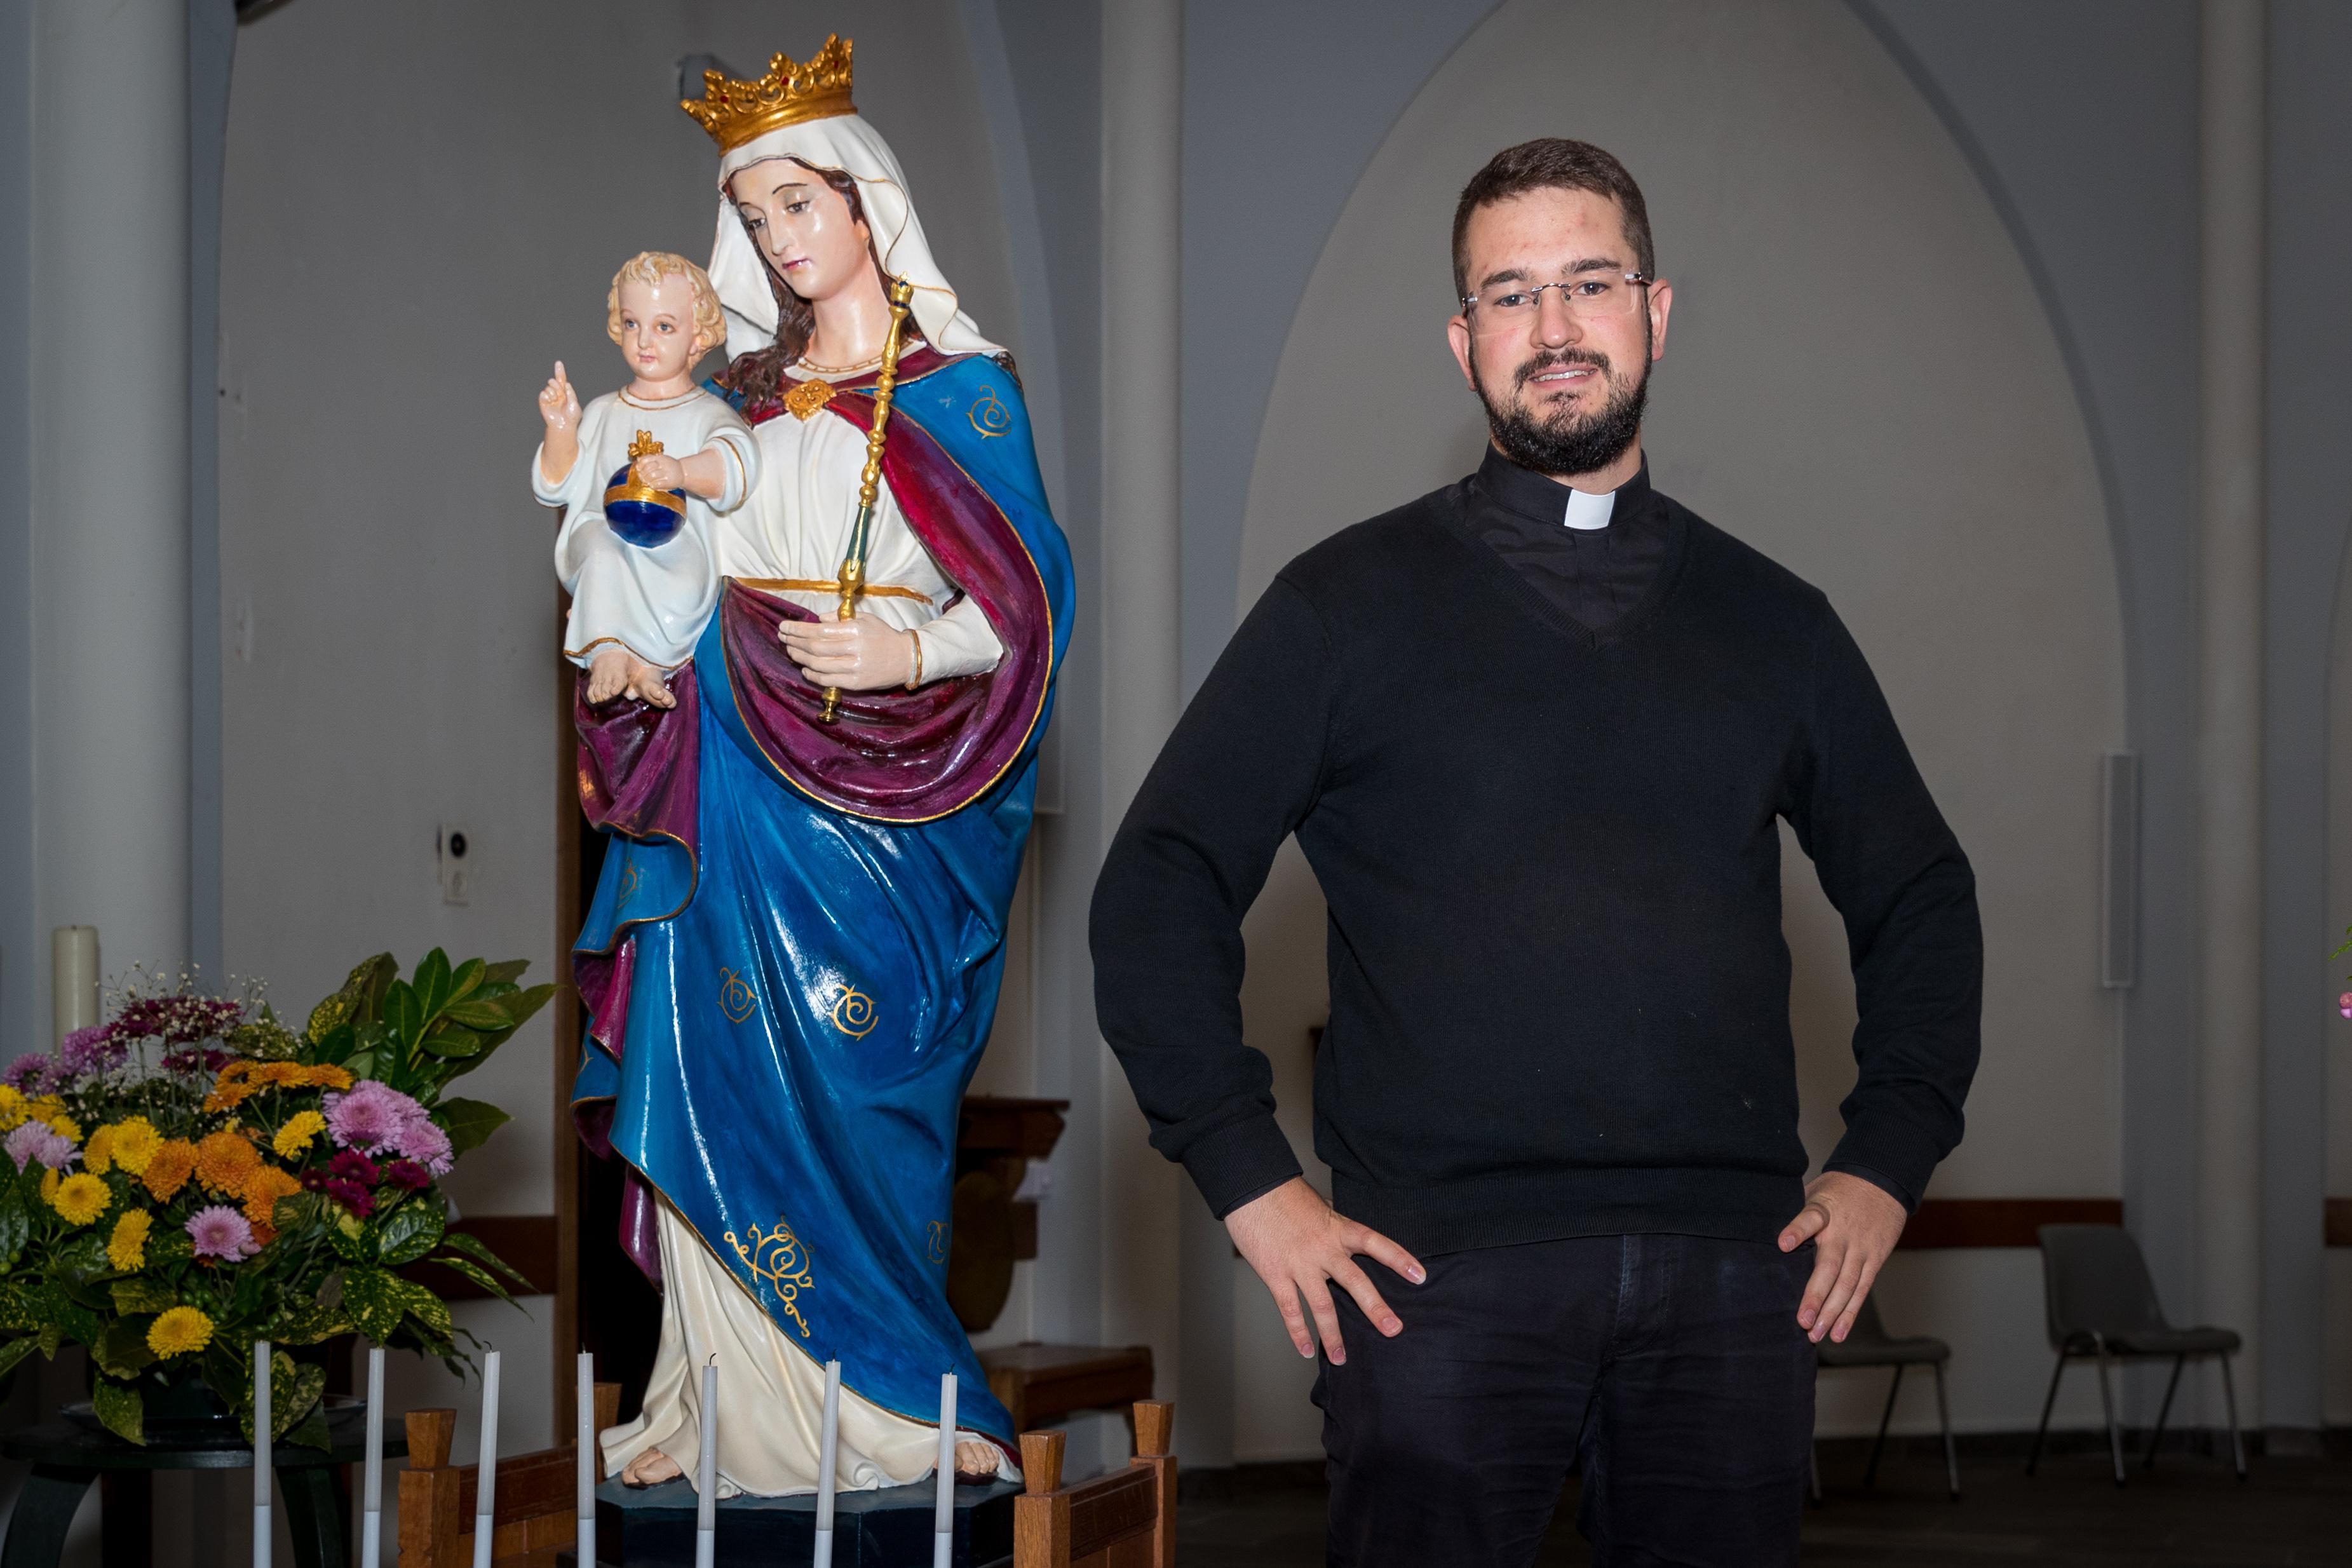 Jonge priester Juan Andrés Correa del Río uit Chili, die er vroeger van droomde om een rockster te zijn, voelt zich thuis in West-Friesland. 'Iedereen is heel lief voor me'